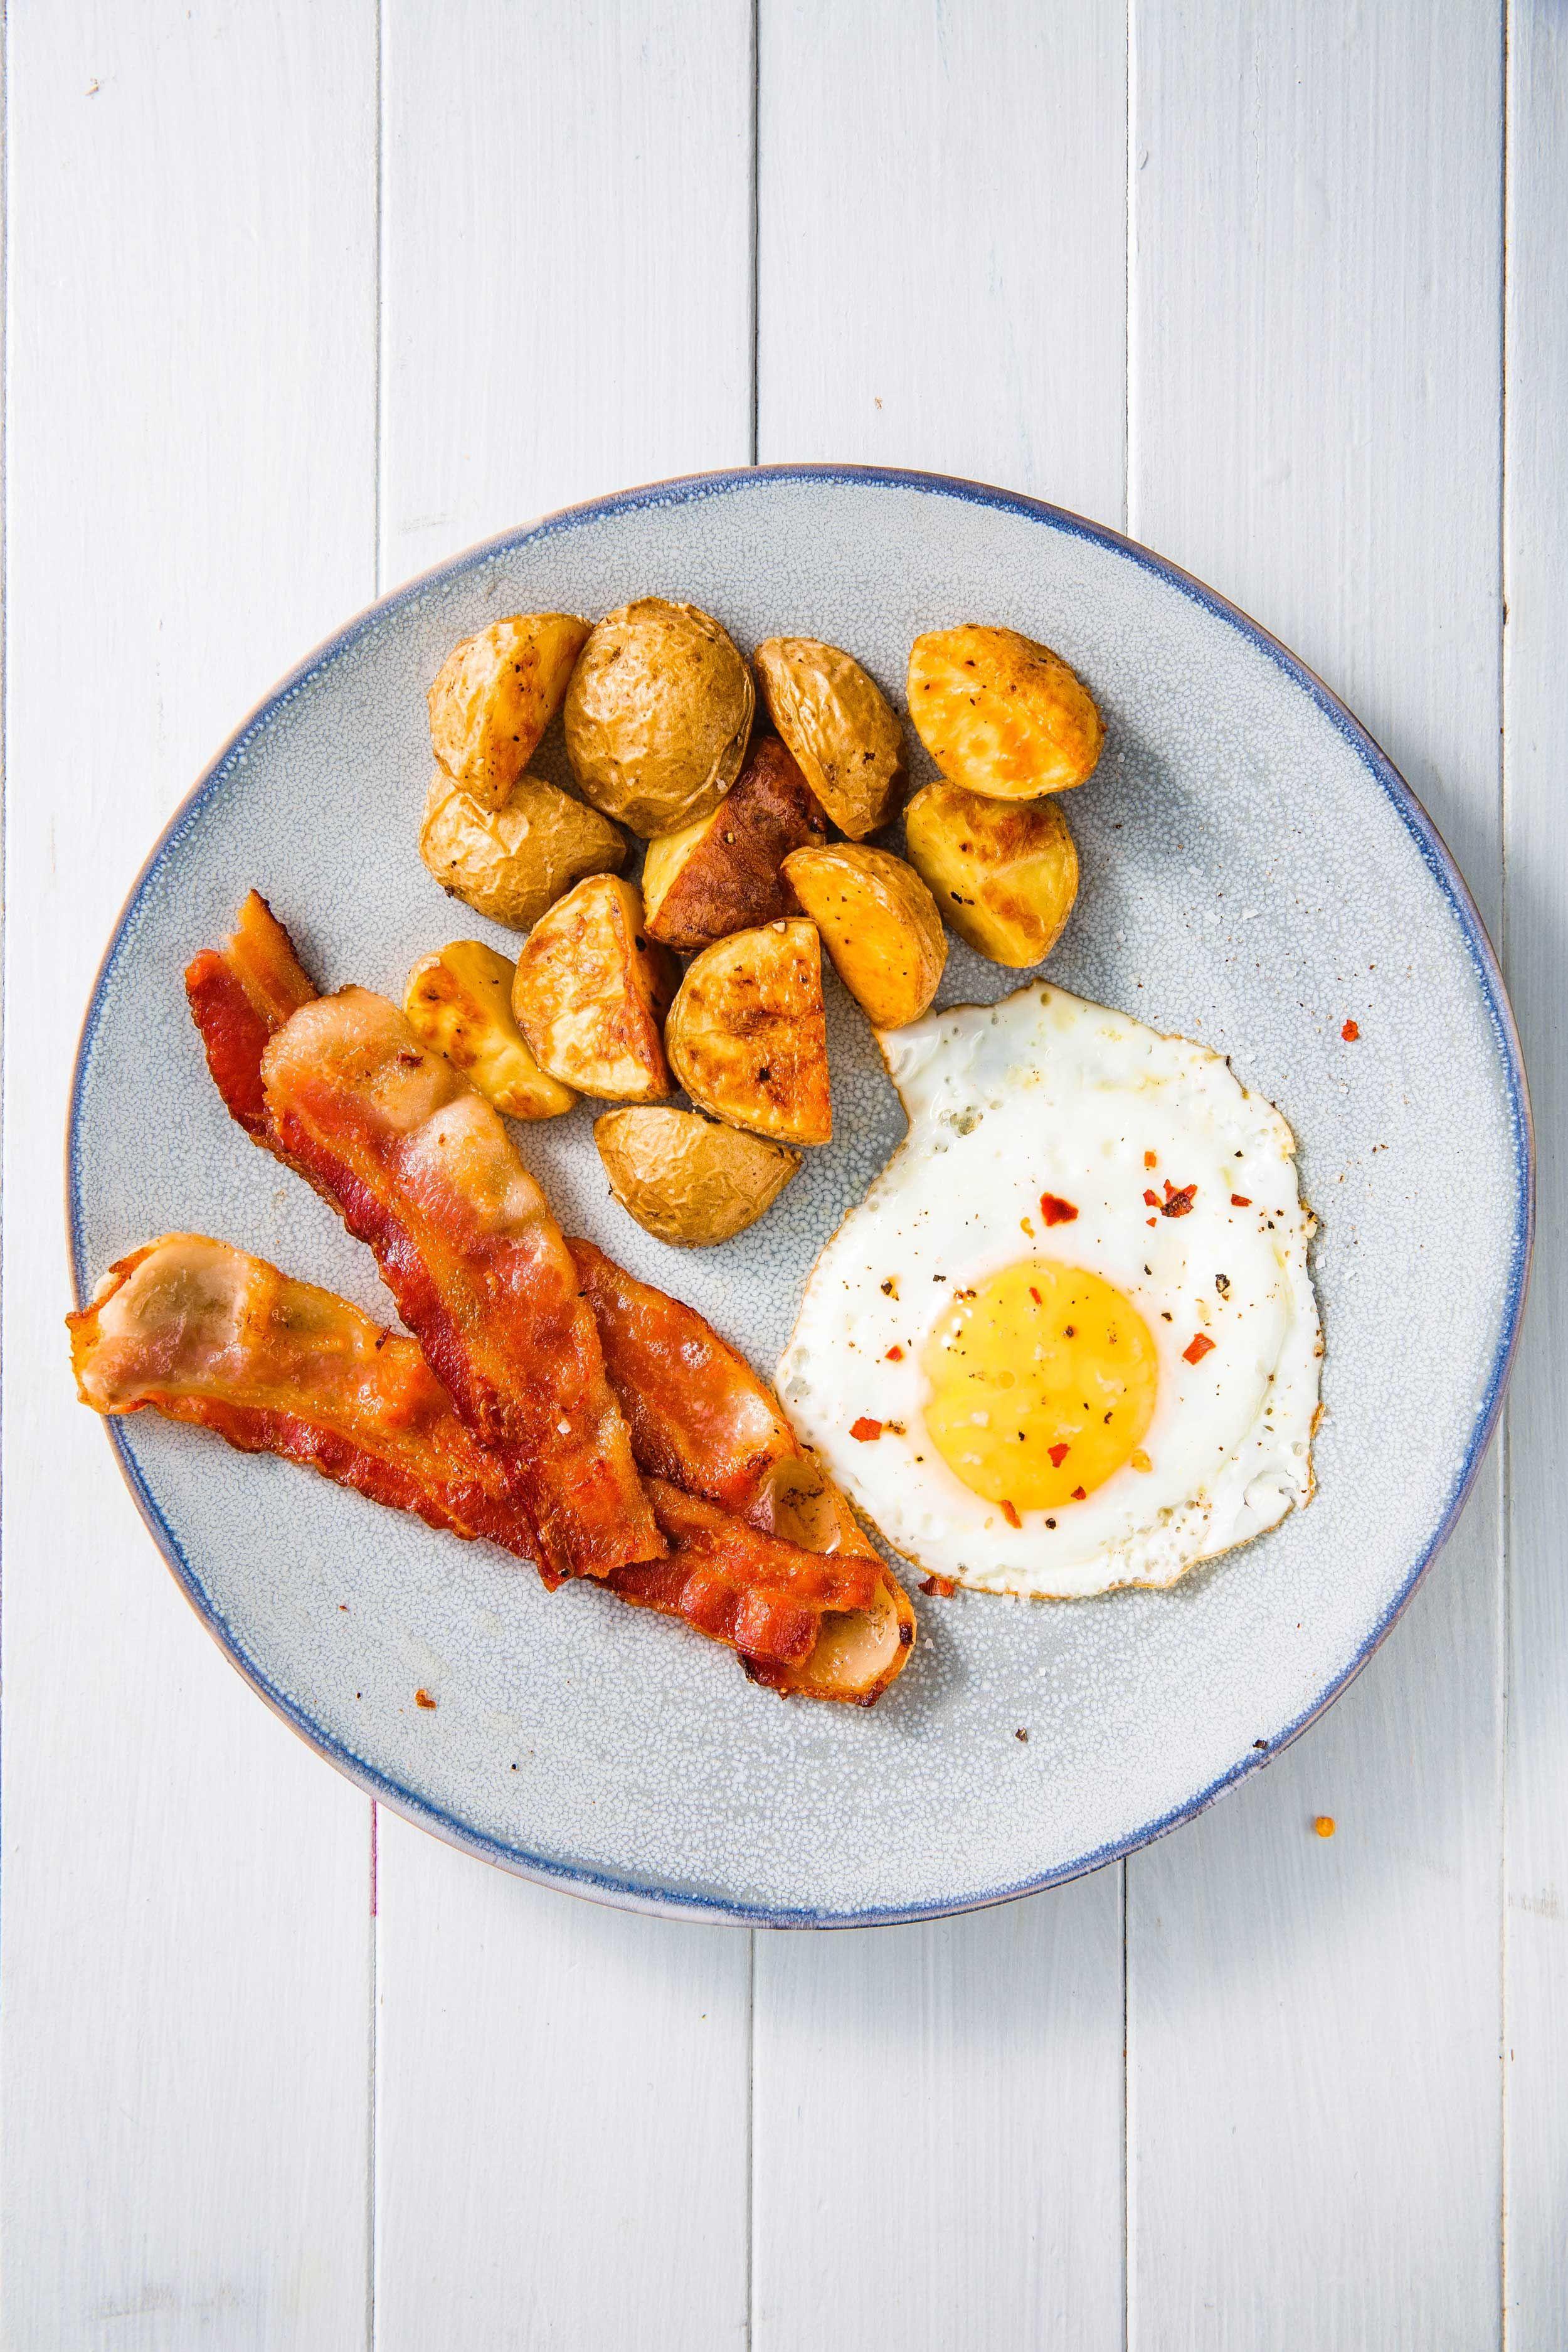 20 Easy Whole30 Breakfast Recipes Best Whole30 Breakfasts